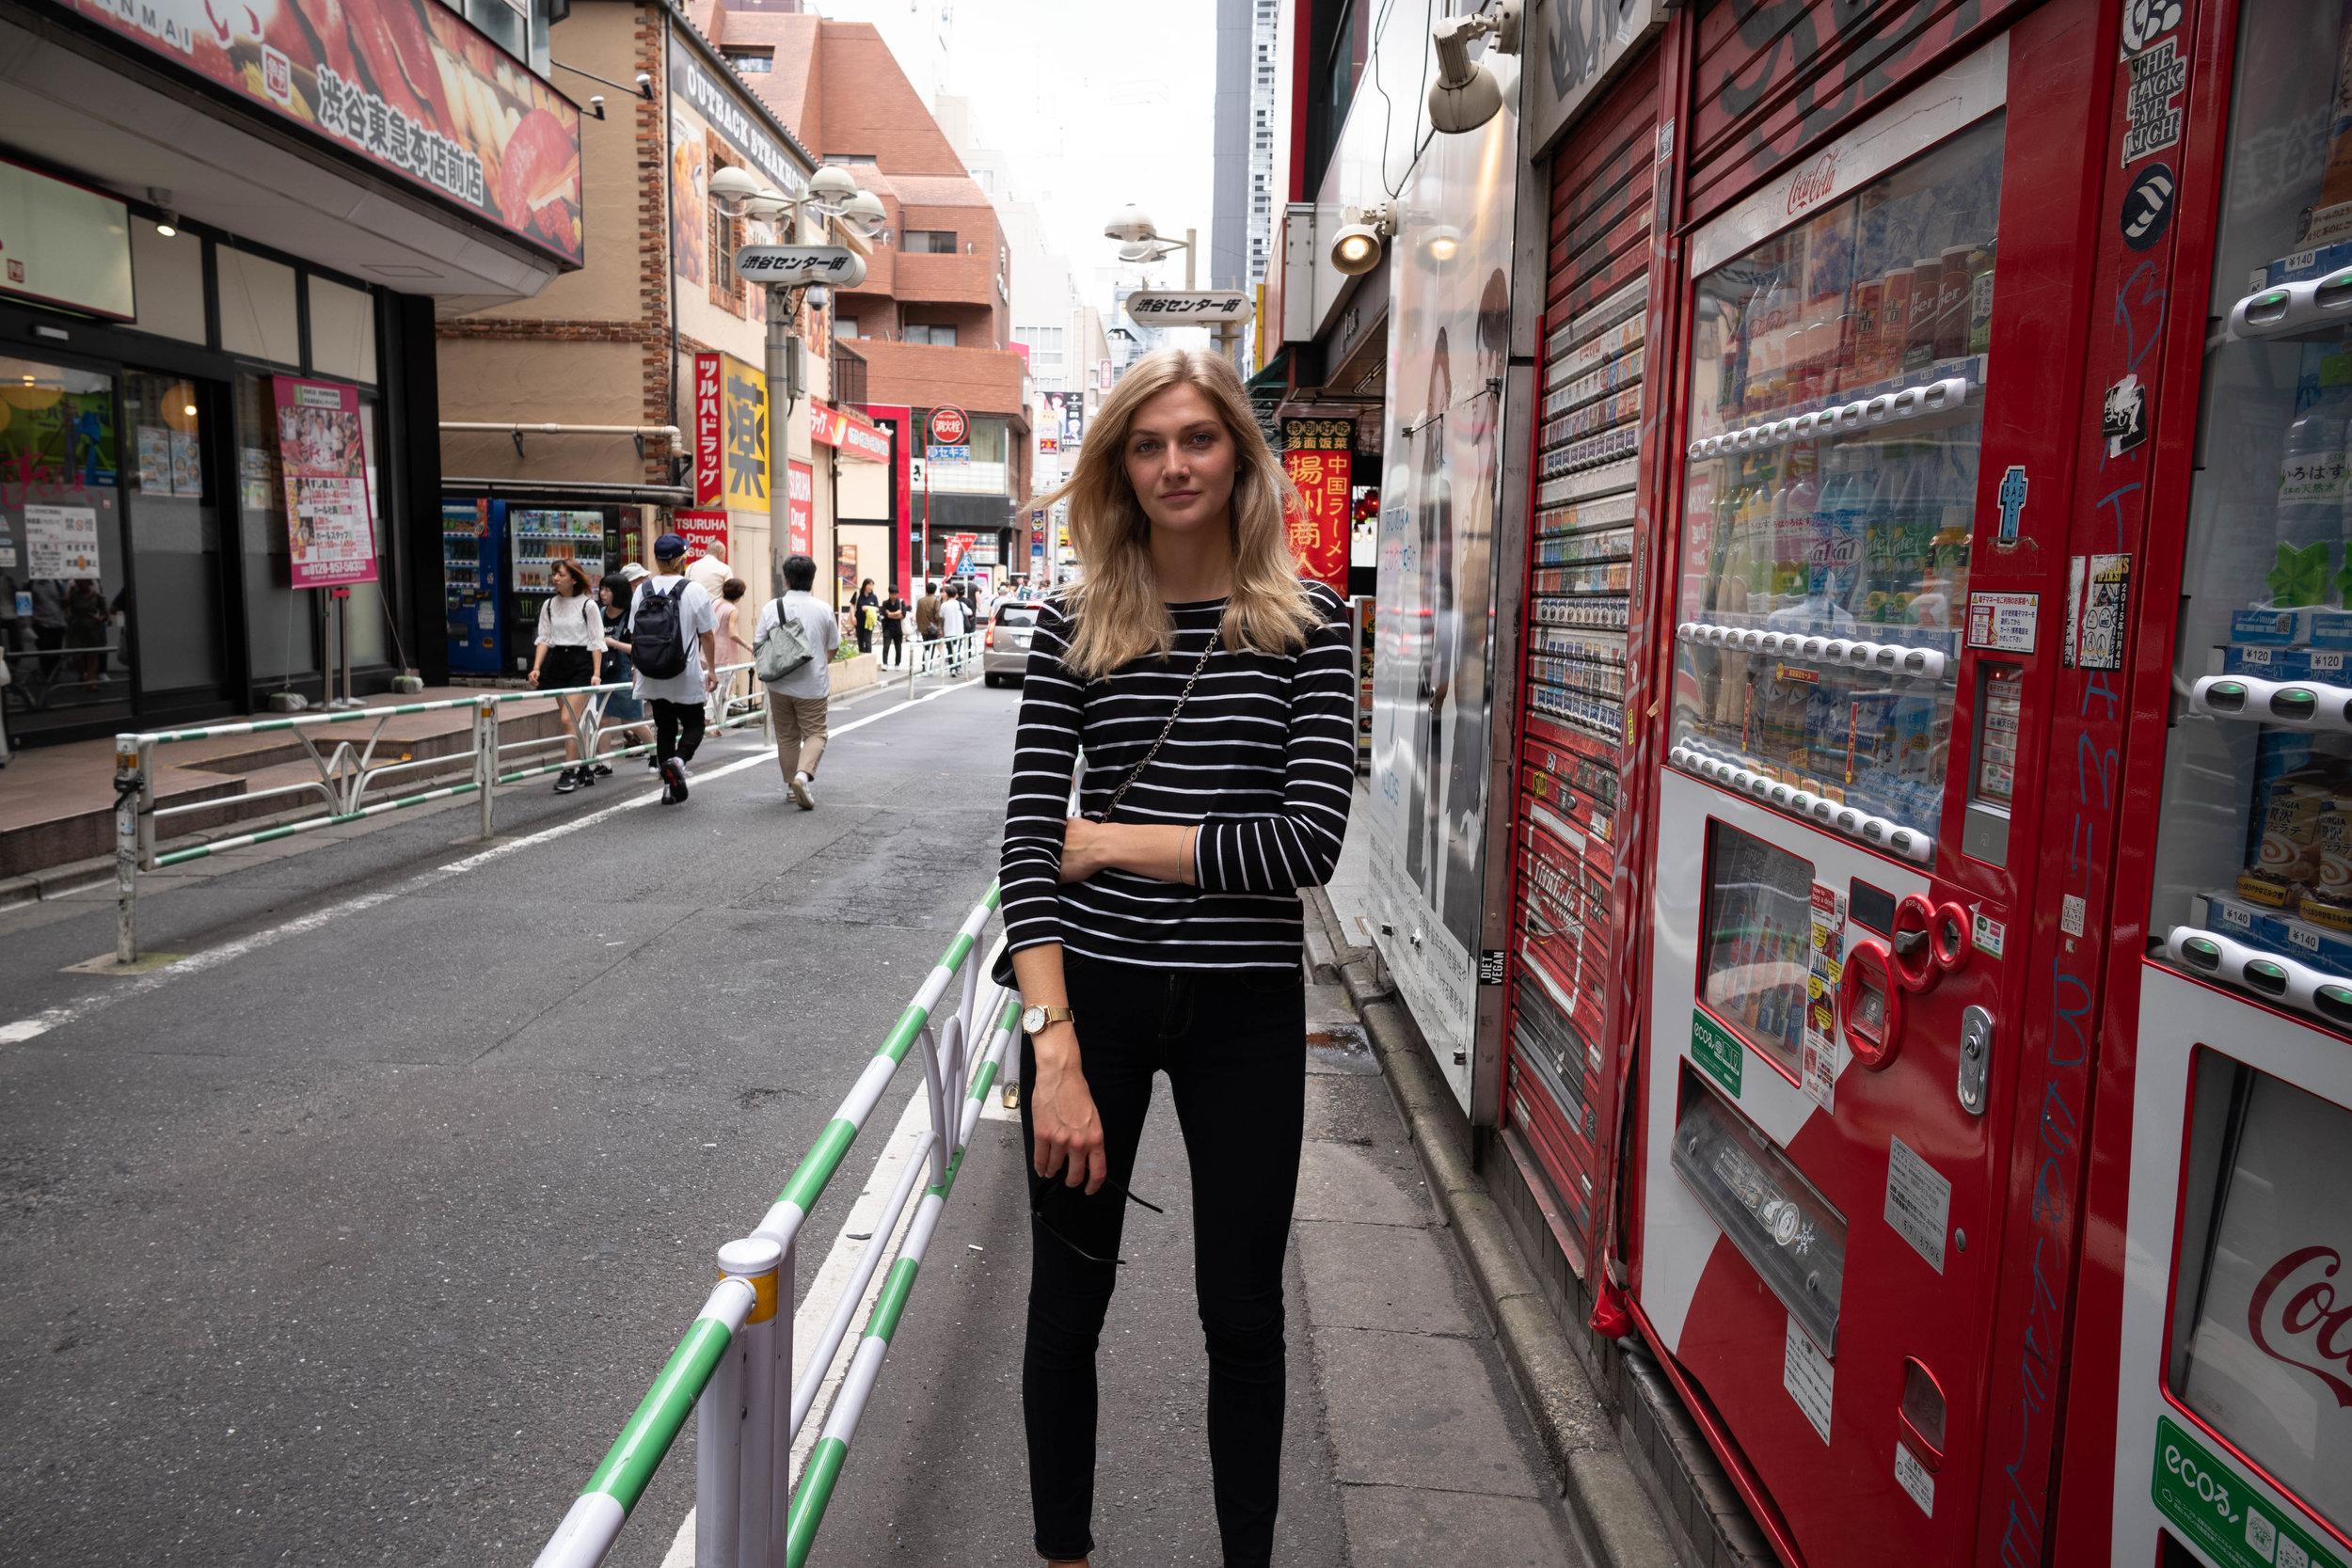 Shibuya - Leica M10 + Leica 24mm f/1.4 Summilux-M ASPH - ISO 400, f/5.6, 1/125s